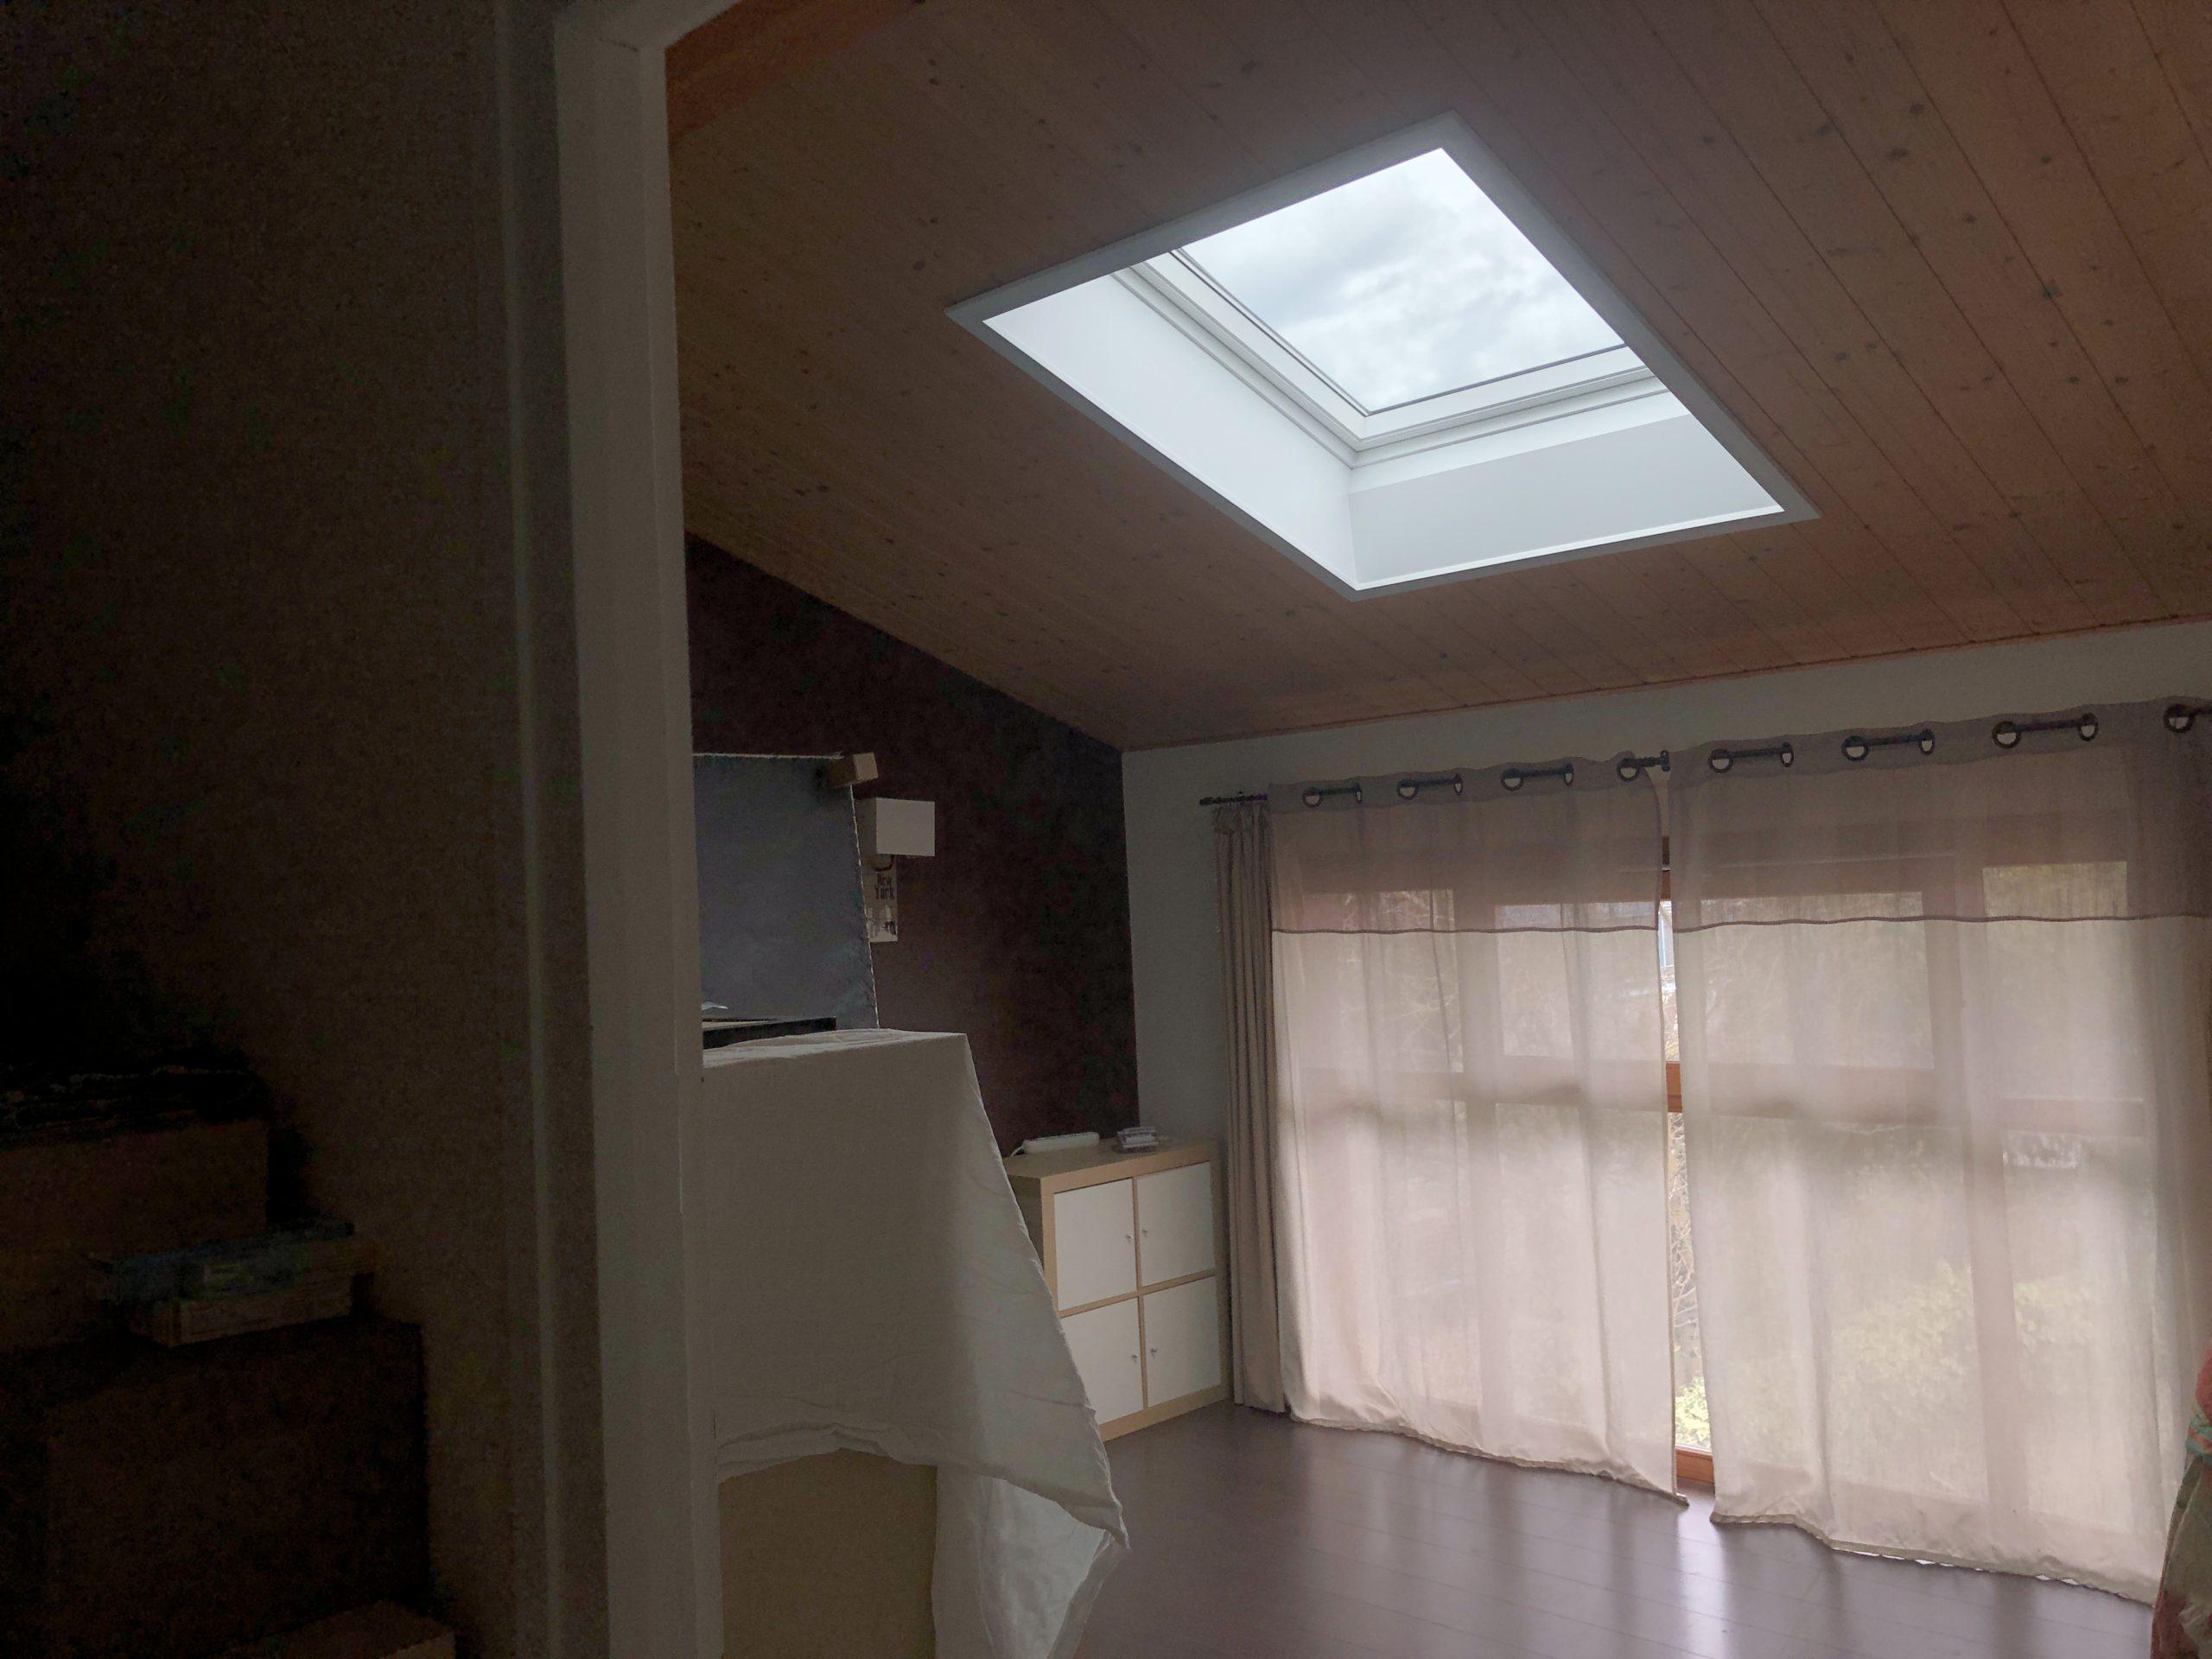 Pose de deux fenêtres de toit VELUX à Douvaine en Haute-Savoie